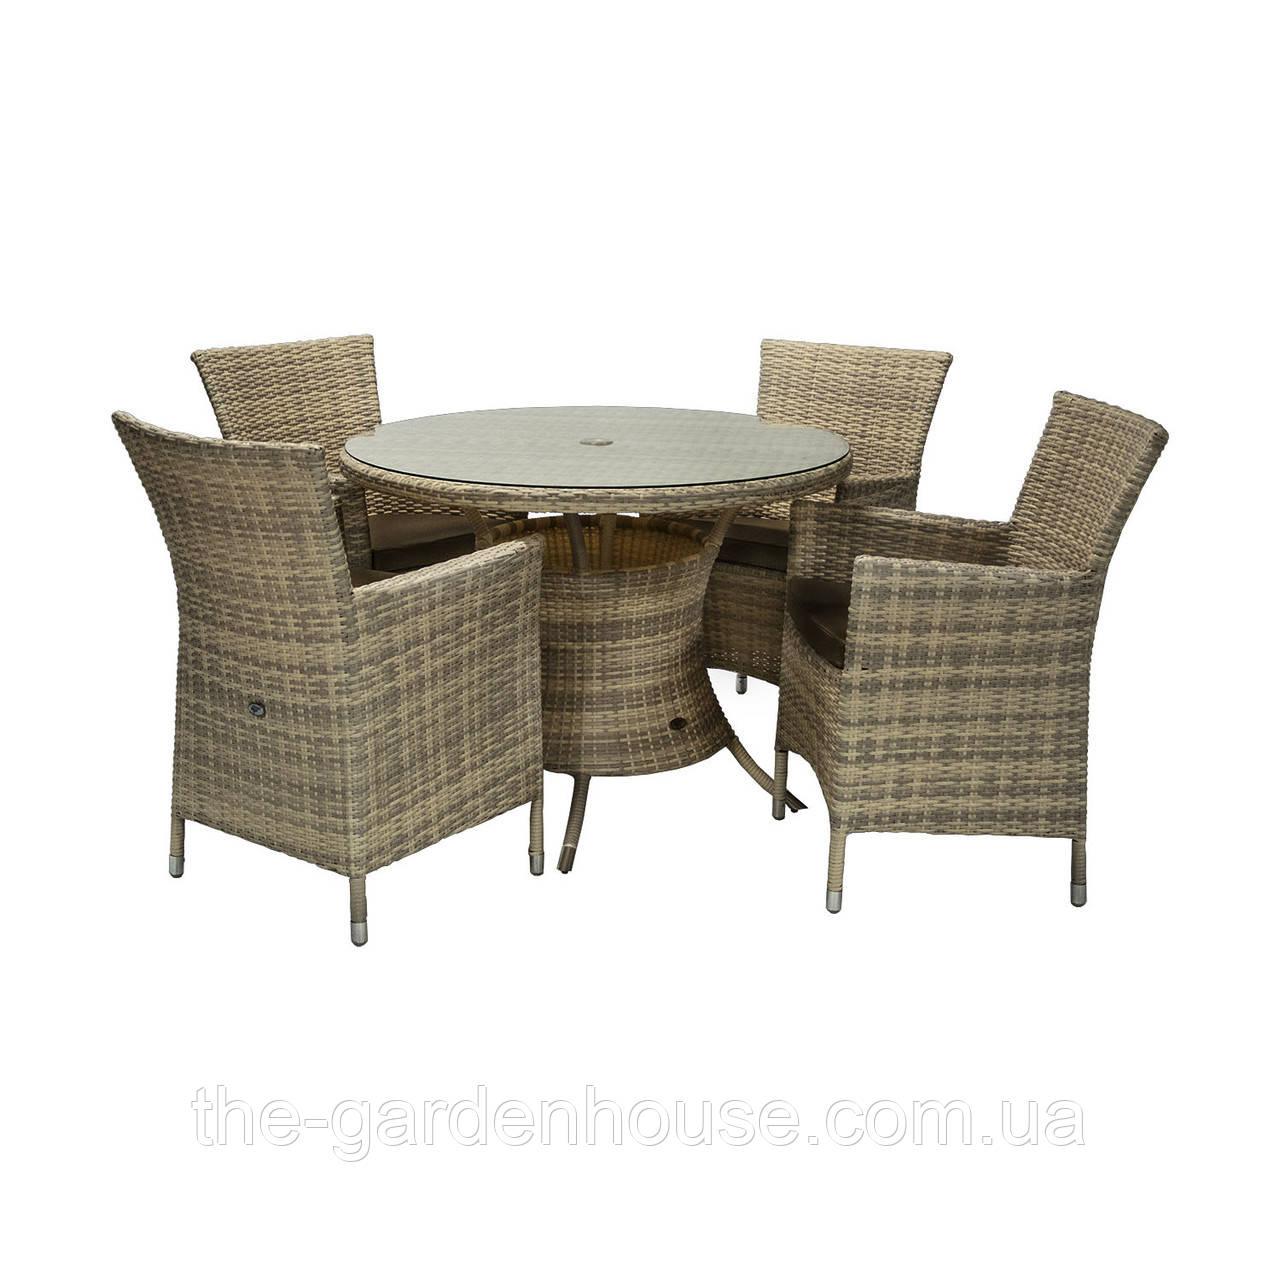 Обеденный комплект Викер из искусственного ротанга: стол 100 см и 4 кресла капучино